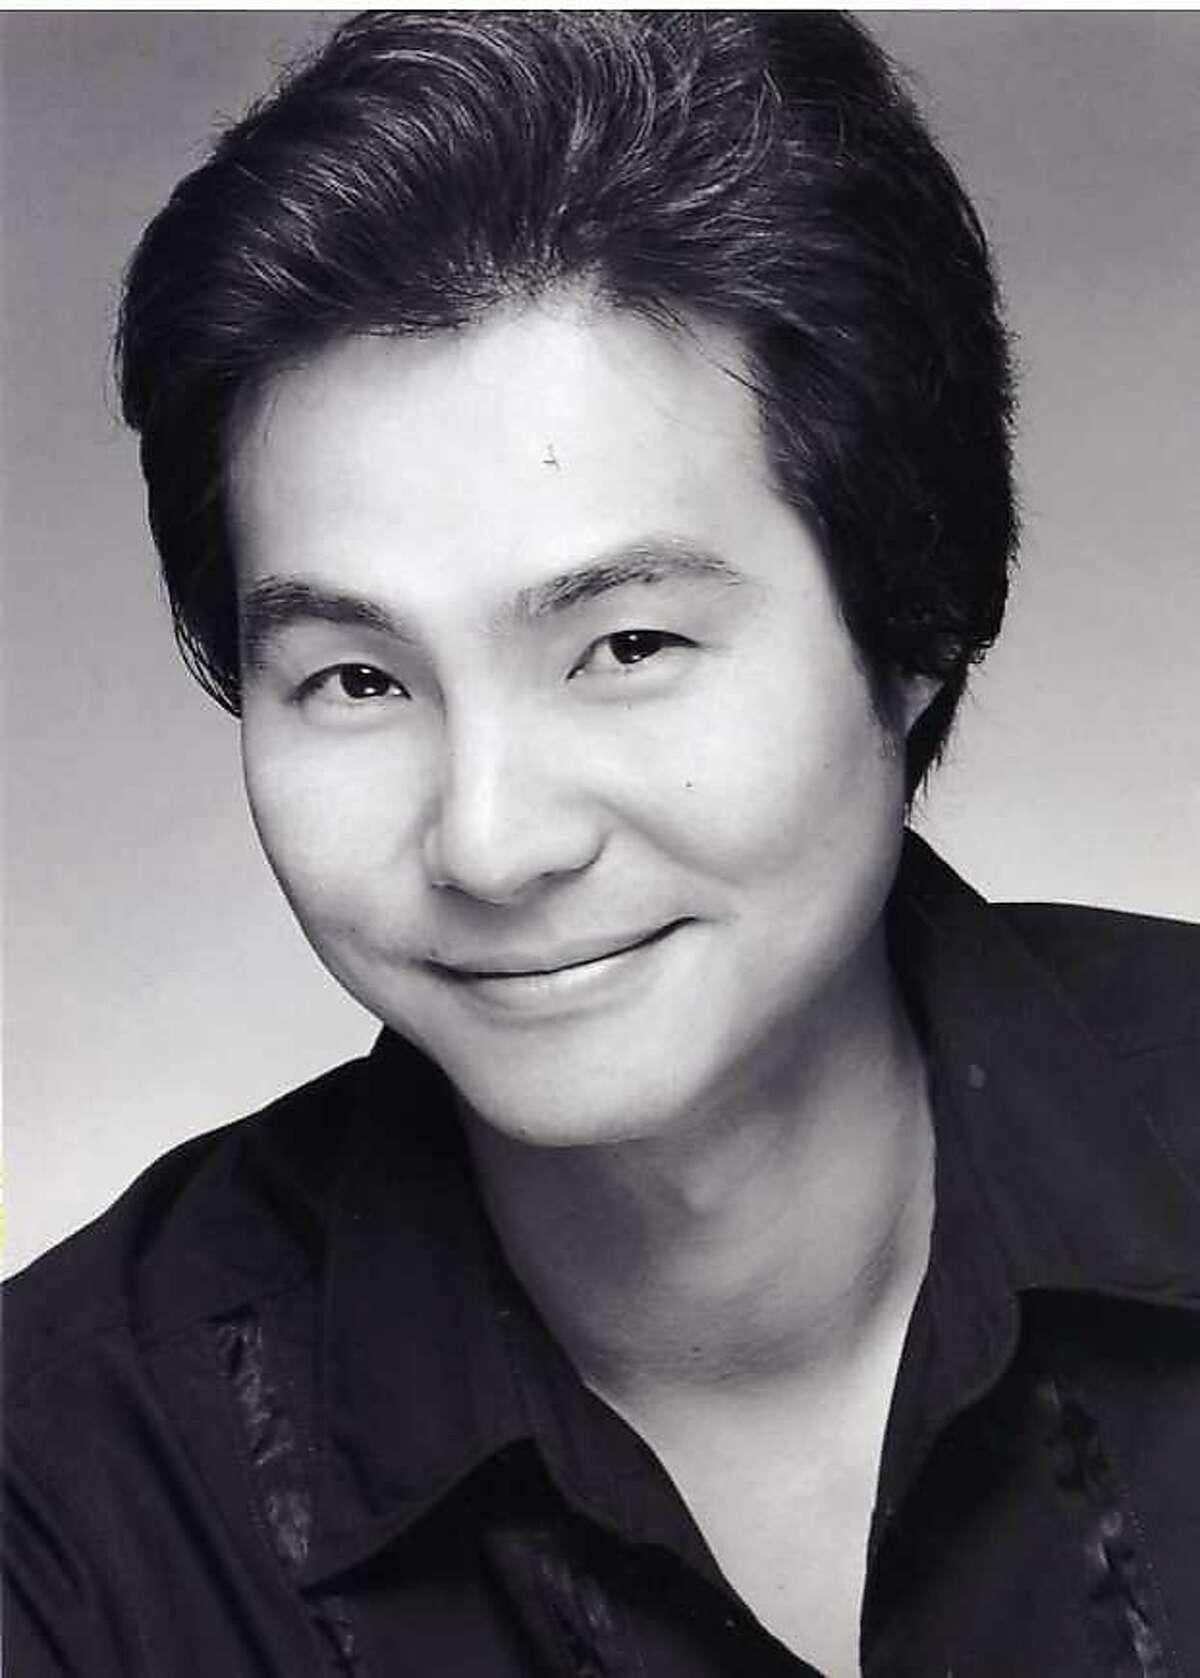 Tenor Yonghoon Lee